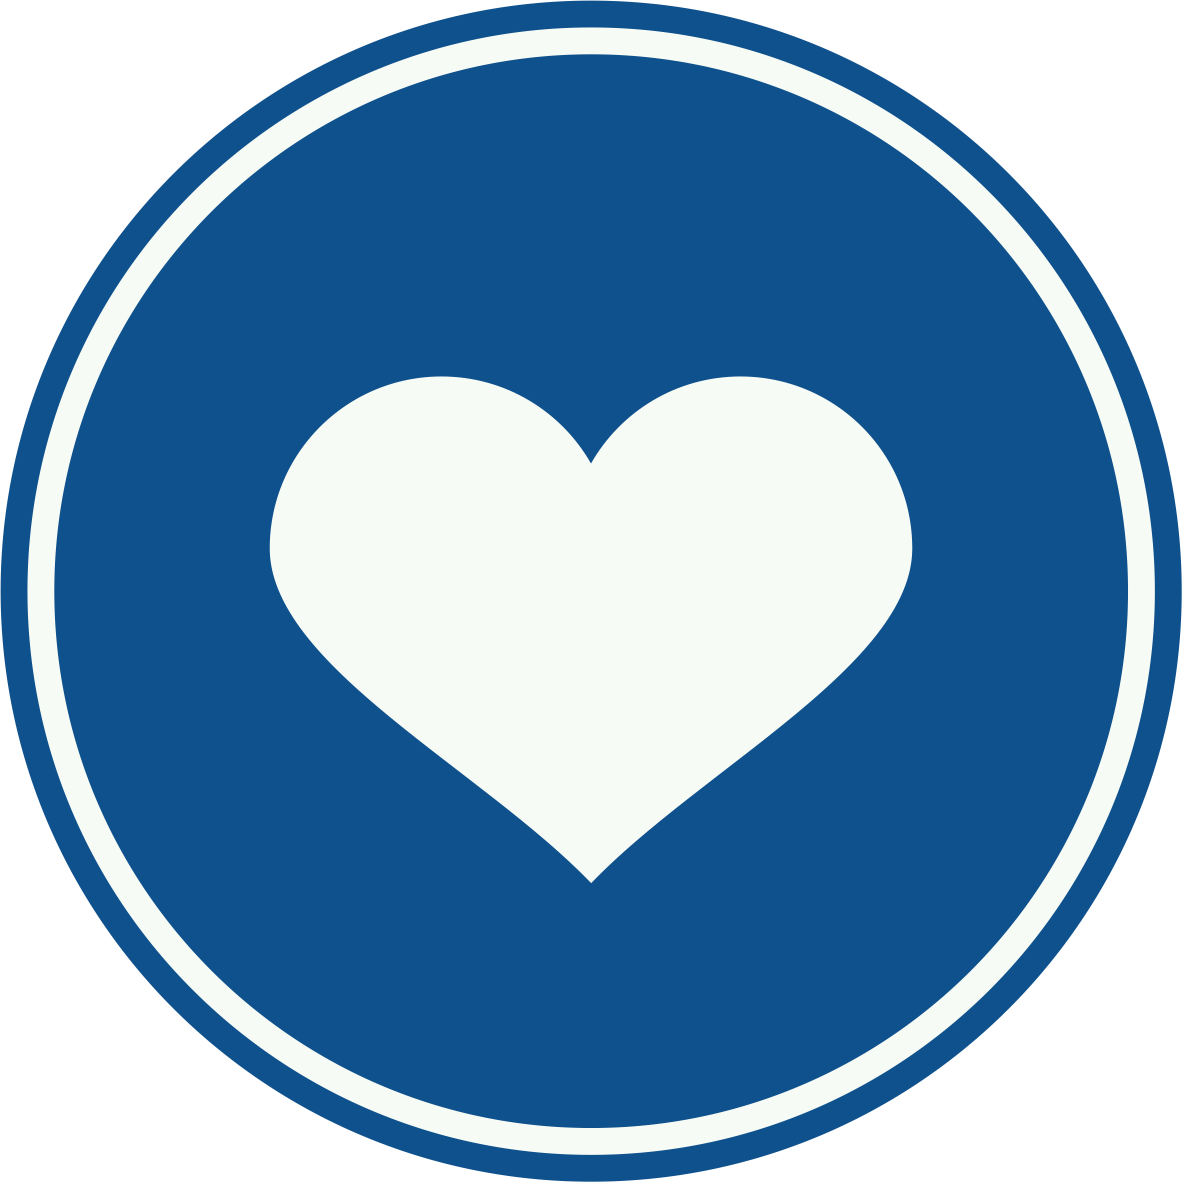 Logo Show Goodwill